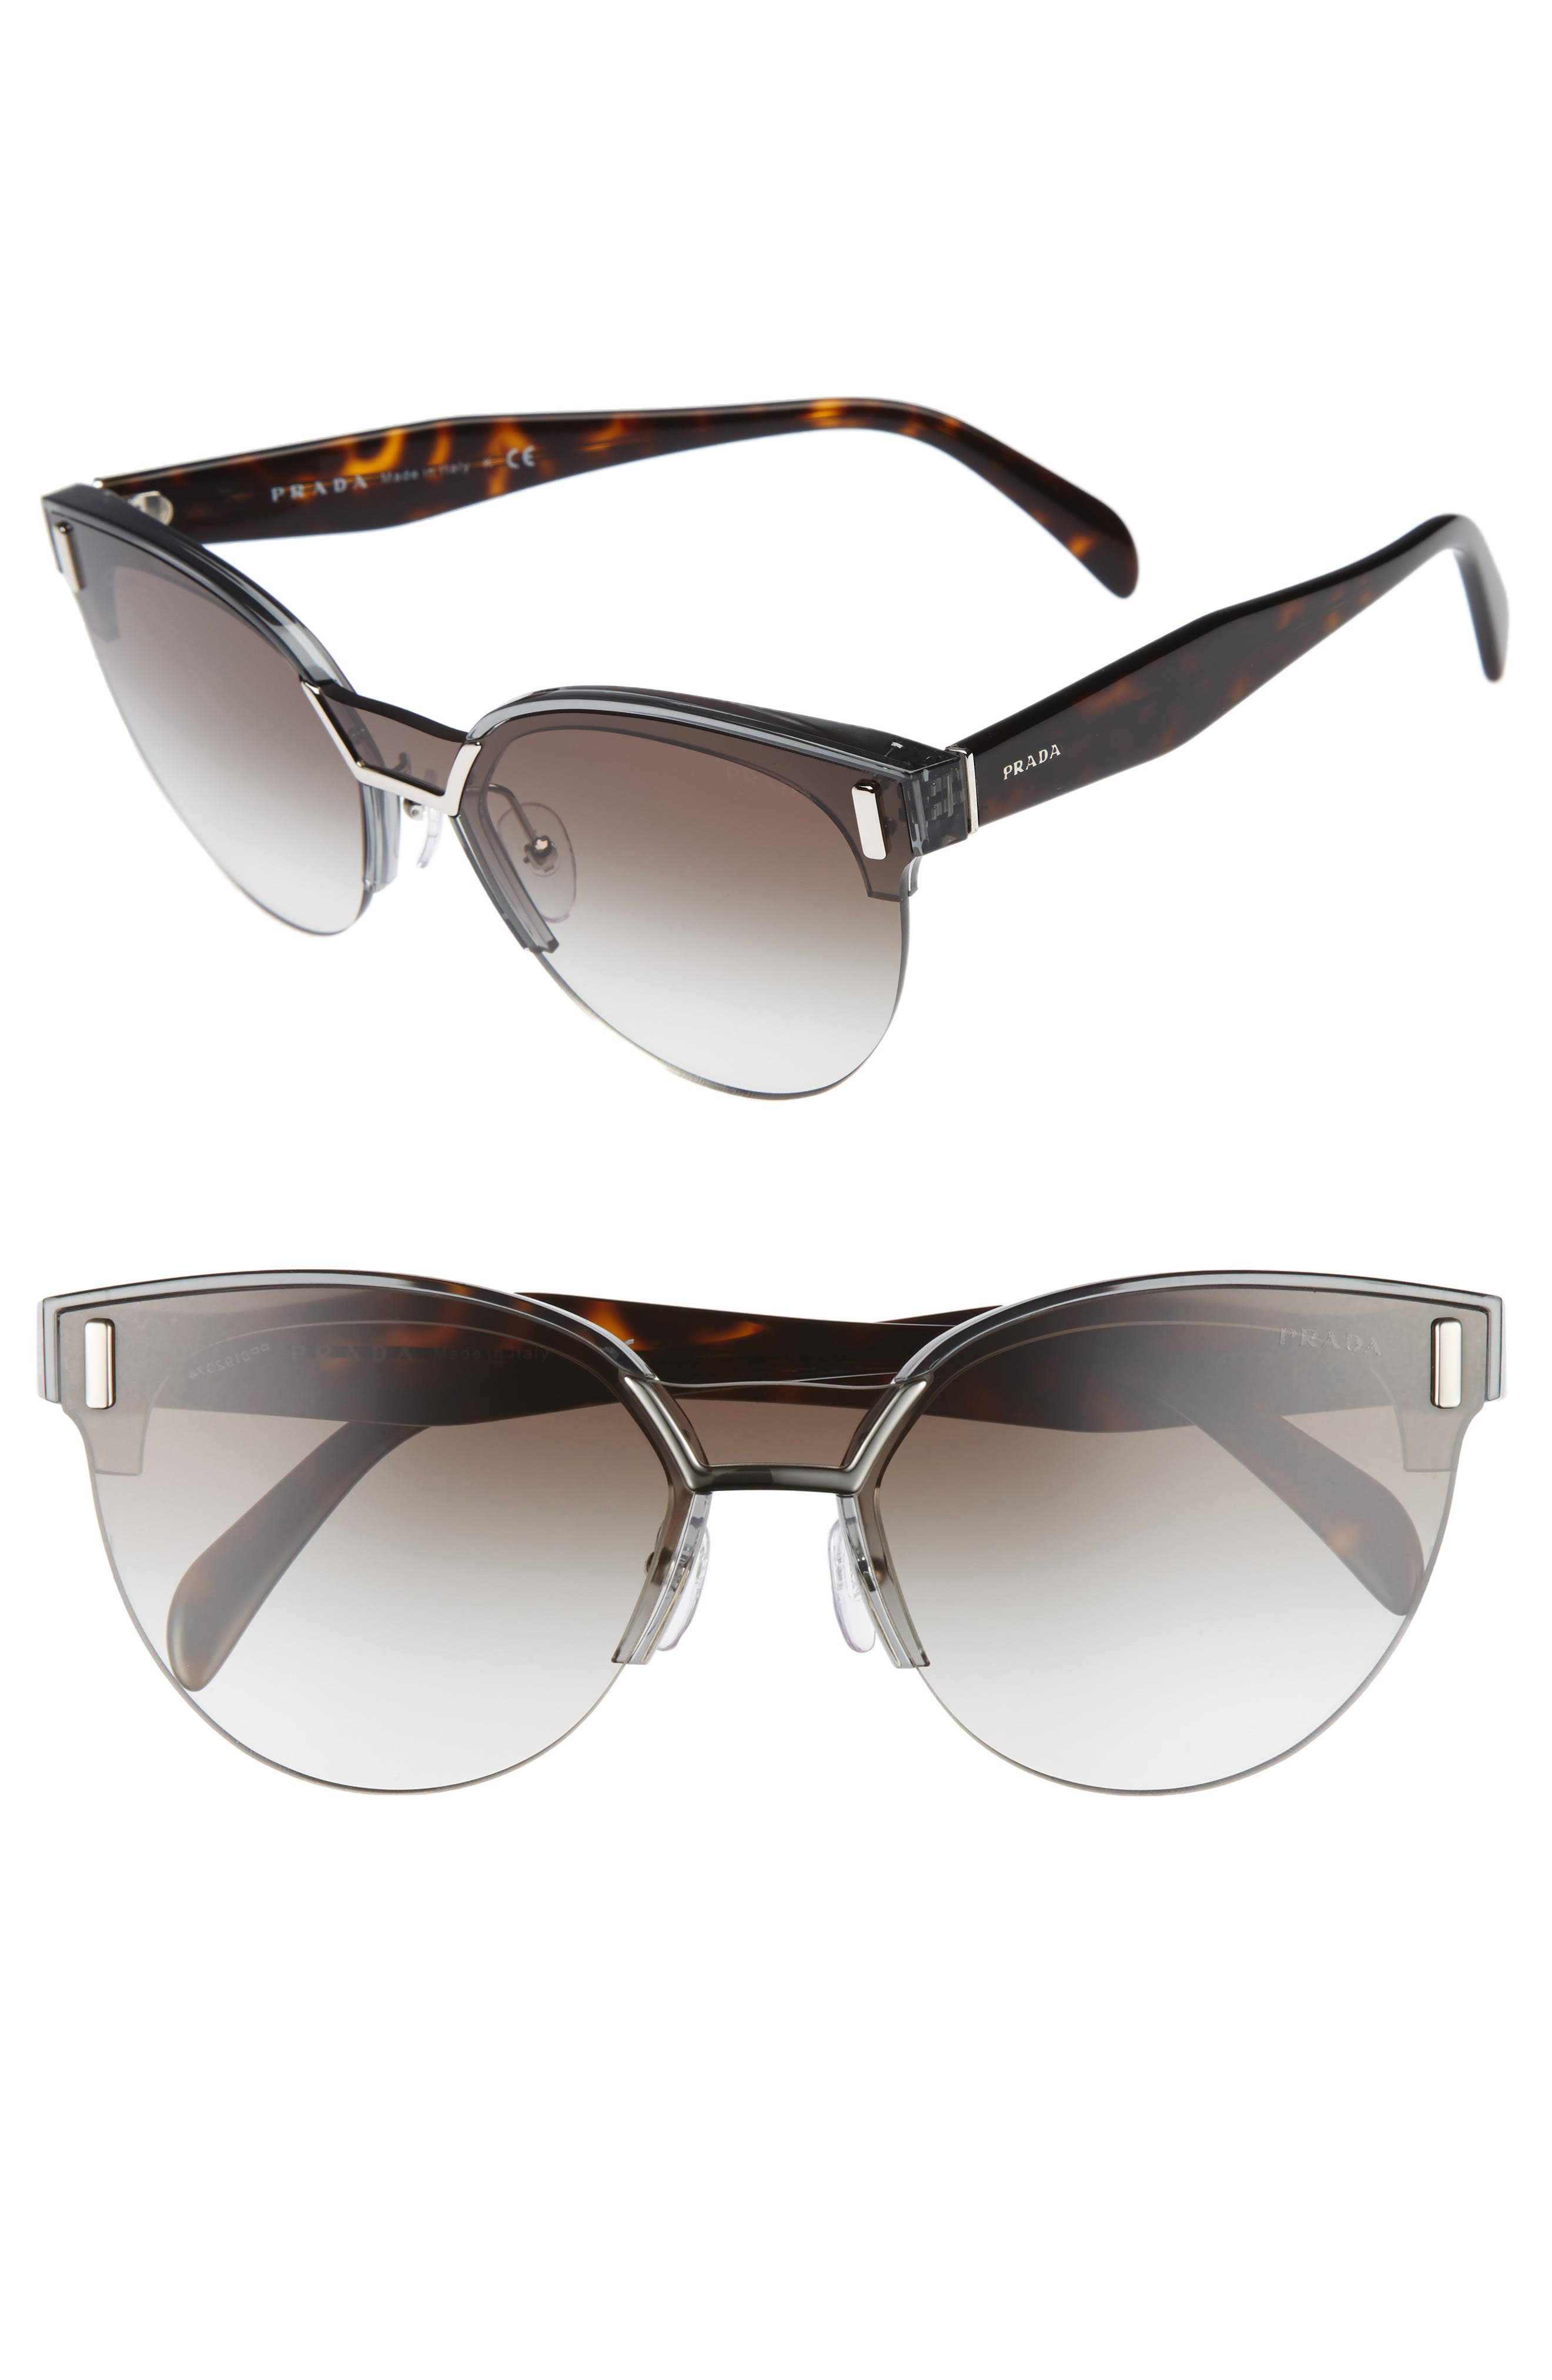 Prada 50mm Semi Rimless Gradient Sunglasses